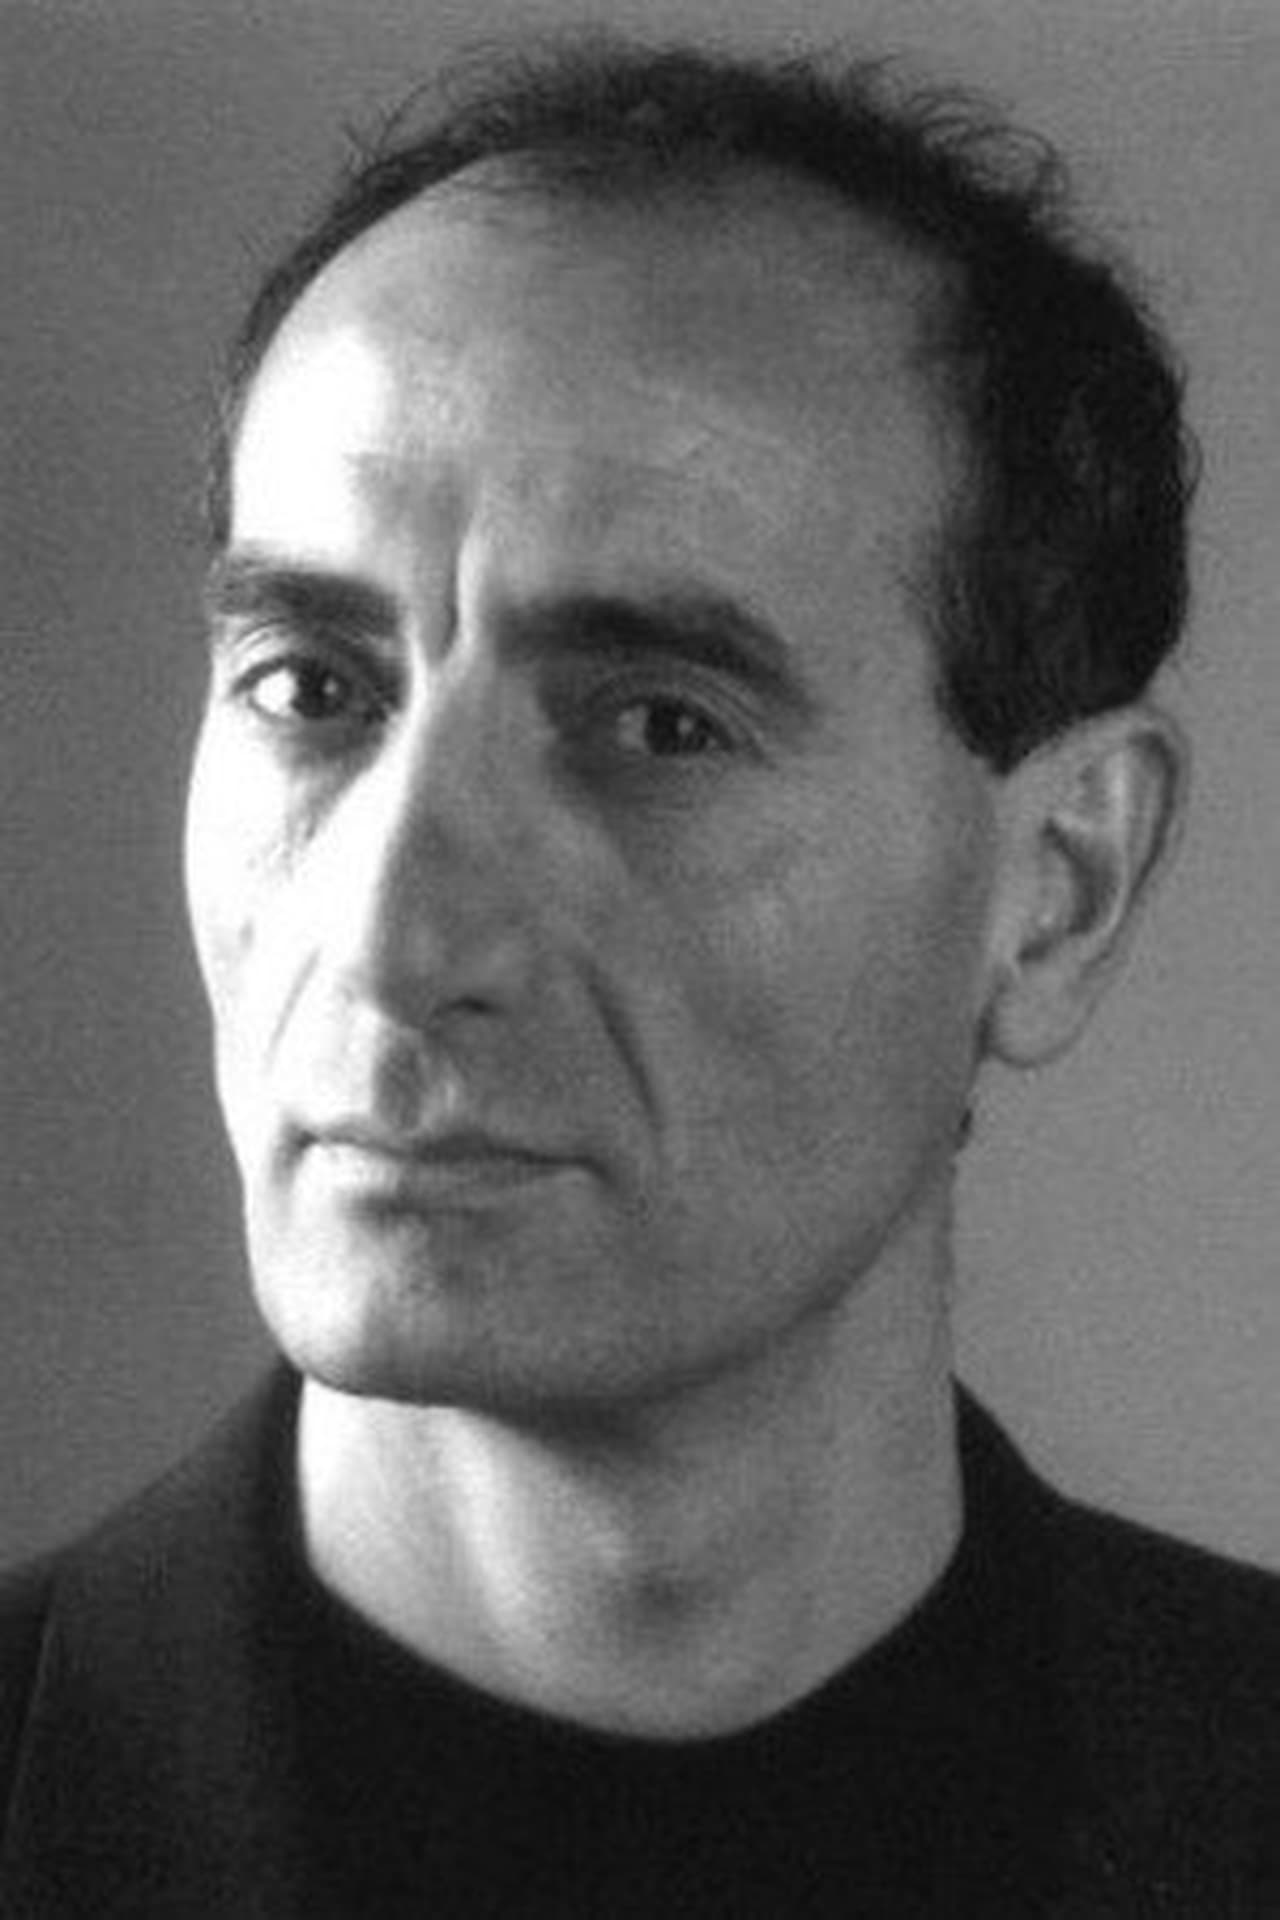 Luciano Federico isRenato&#039